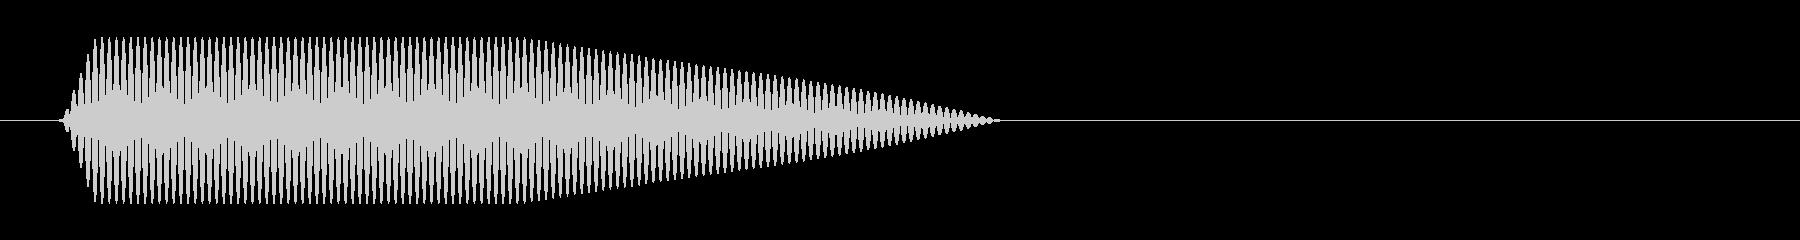 ポンッ(プッシュ音)の未再生の波形